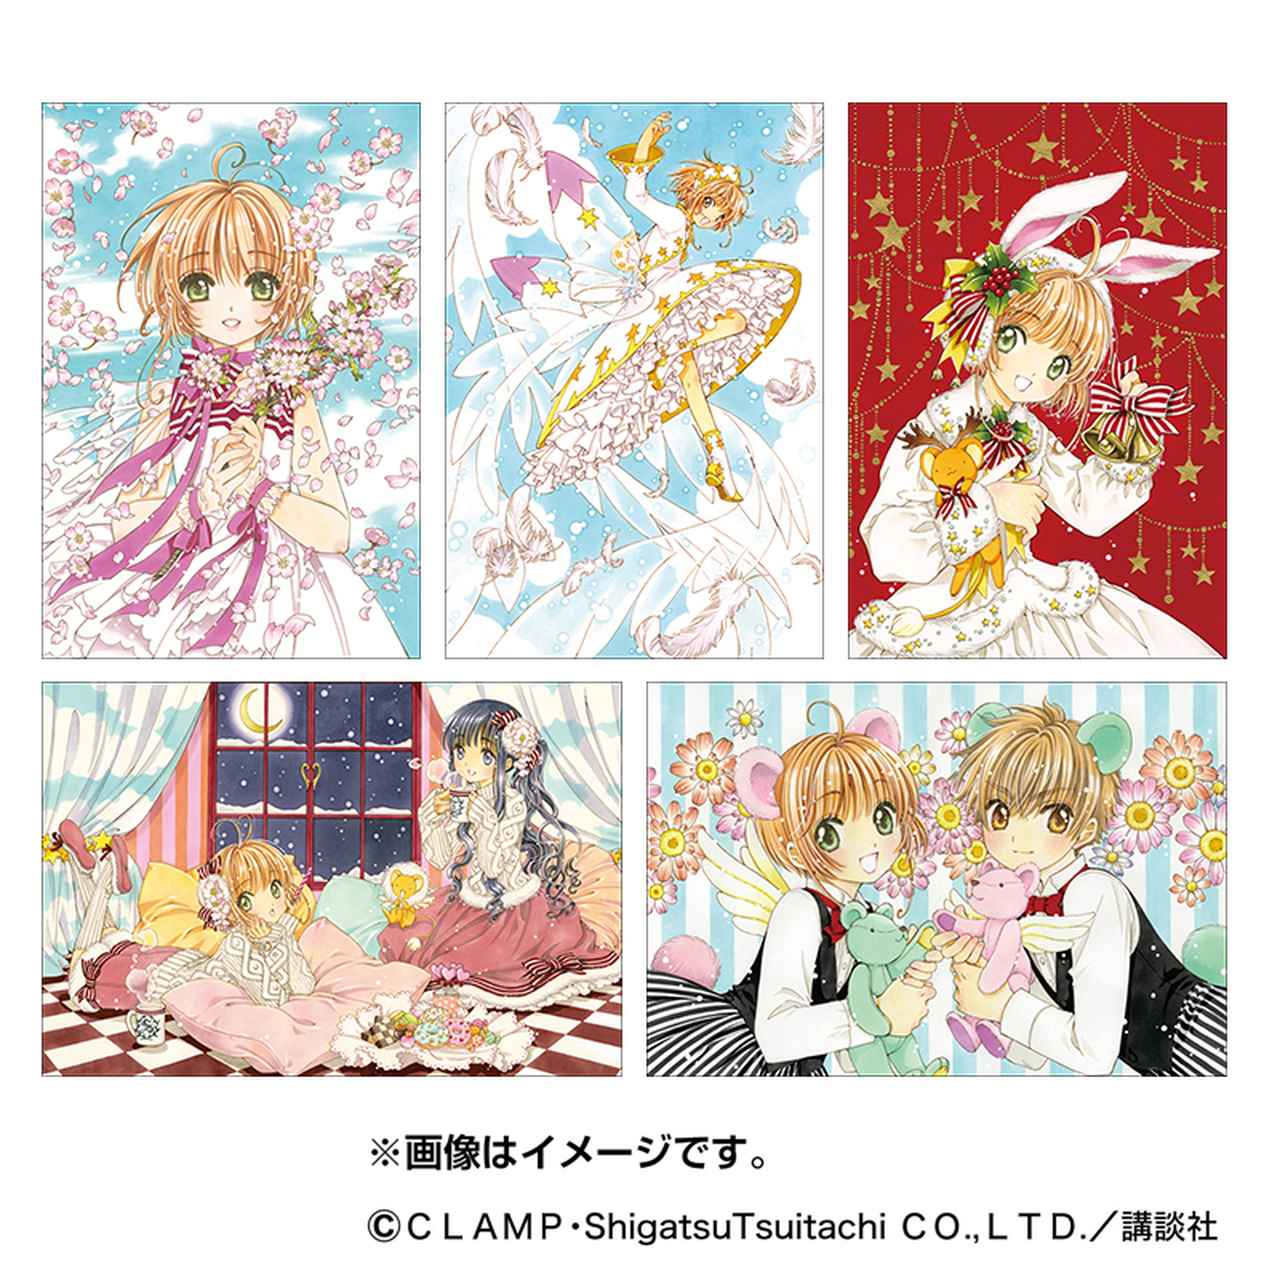 画像13: ©CLAMP・ShigatsuTsuitachi CO.,LTD./講談社 ©CLAMP・ShigatsuTsuitachi CO.,LTD./カードキャプターさくら展製作委員会